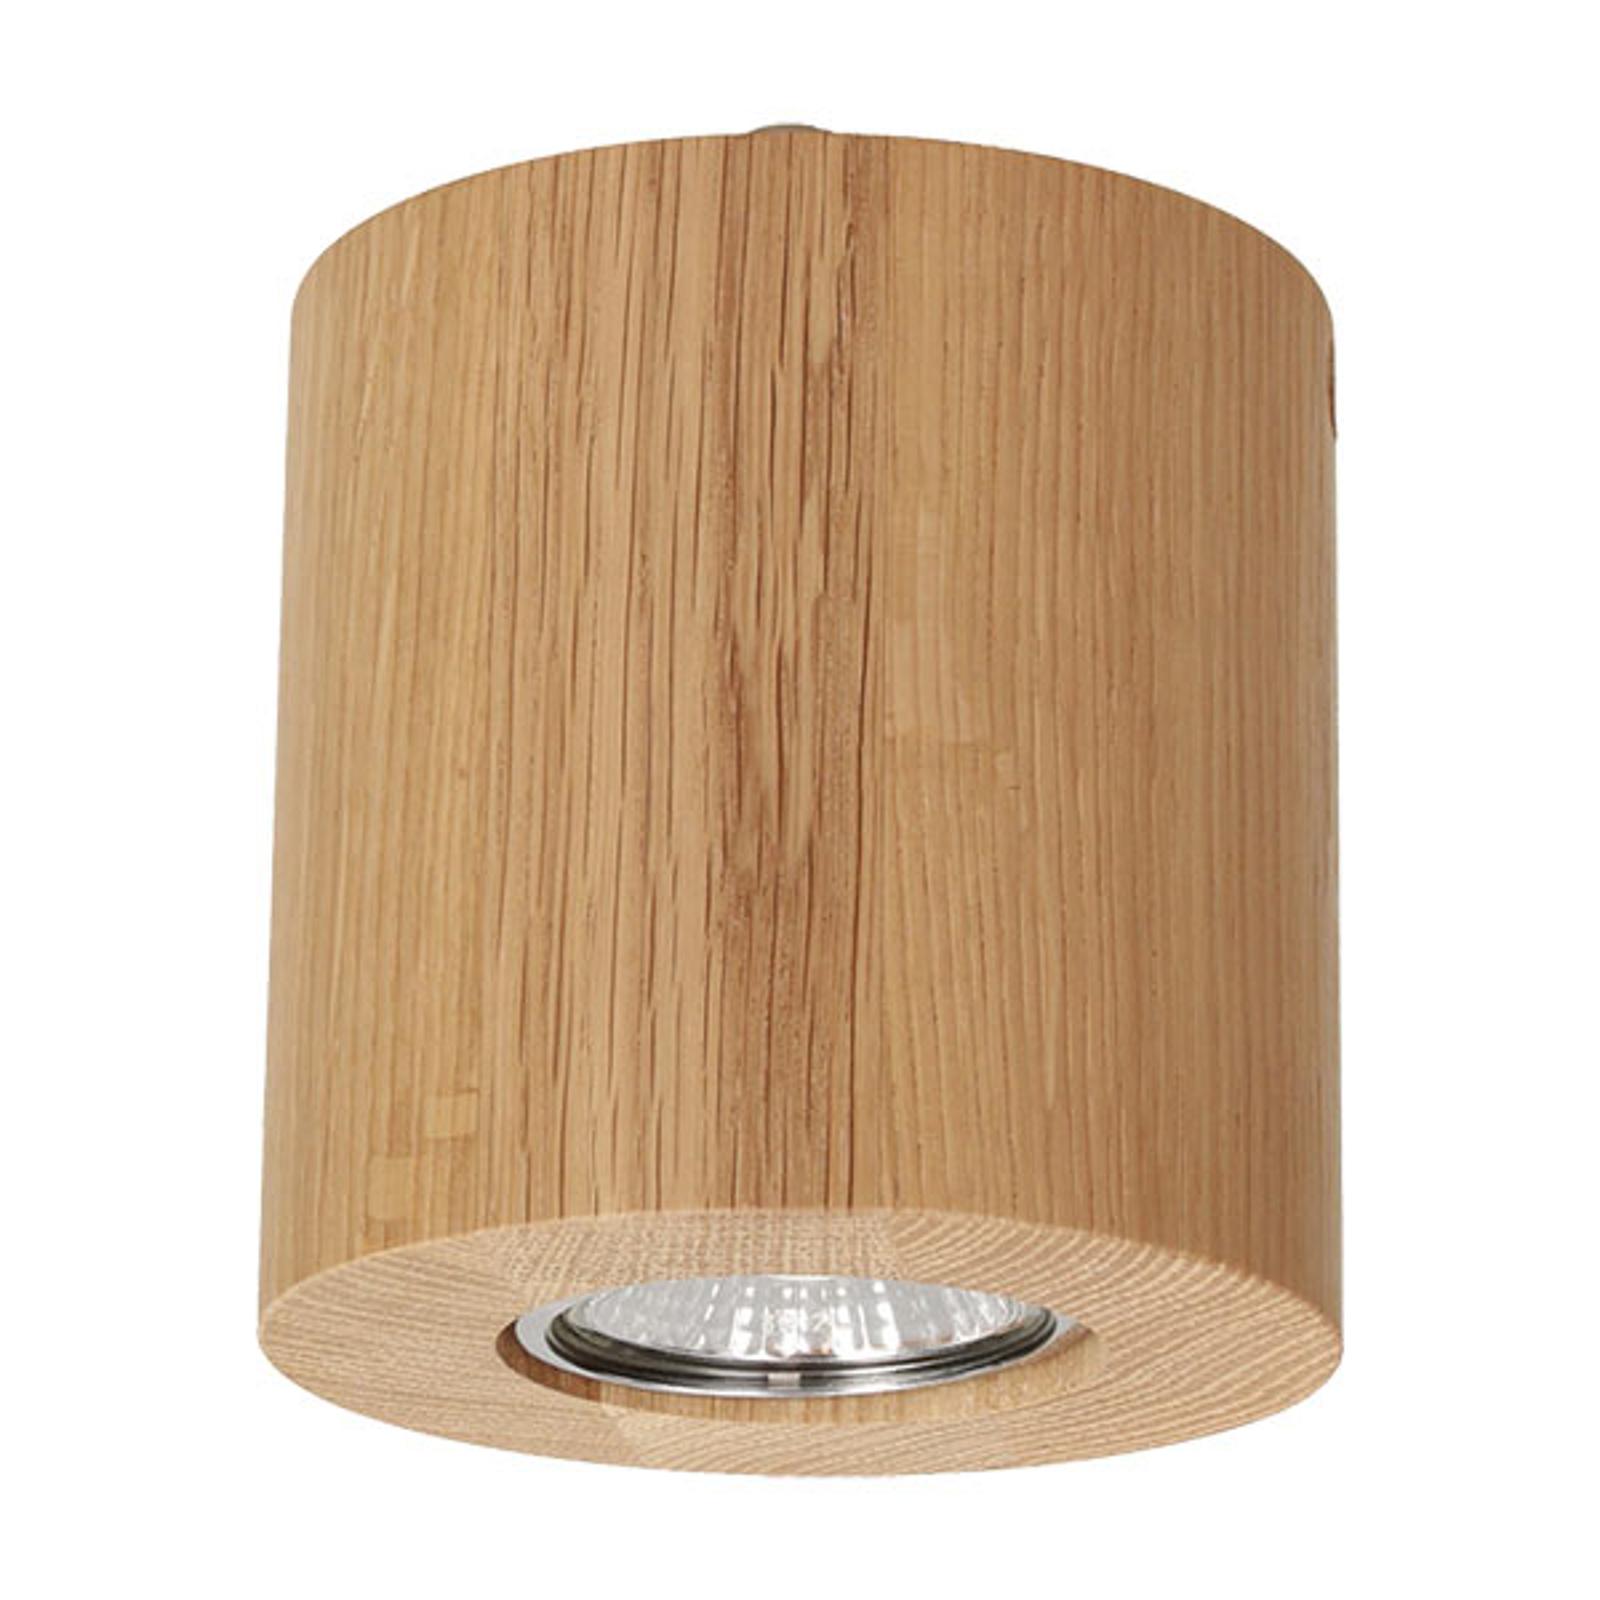 Plafondlamp Wooddream 1-lamps eiken, rond, 10cm